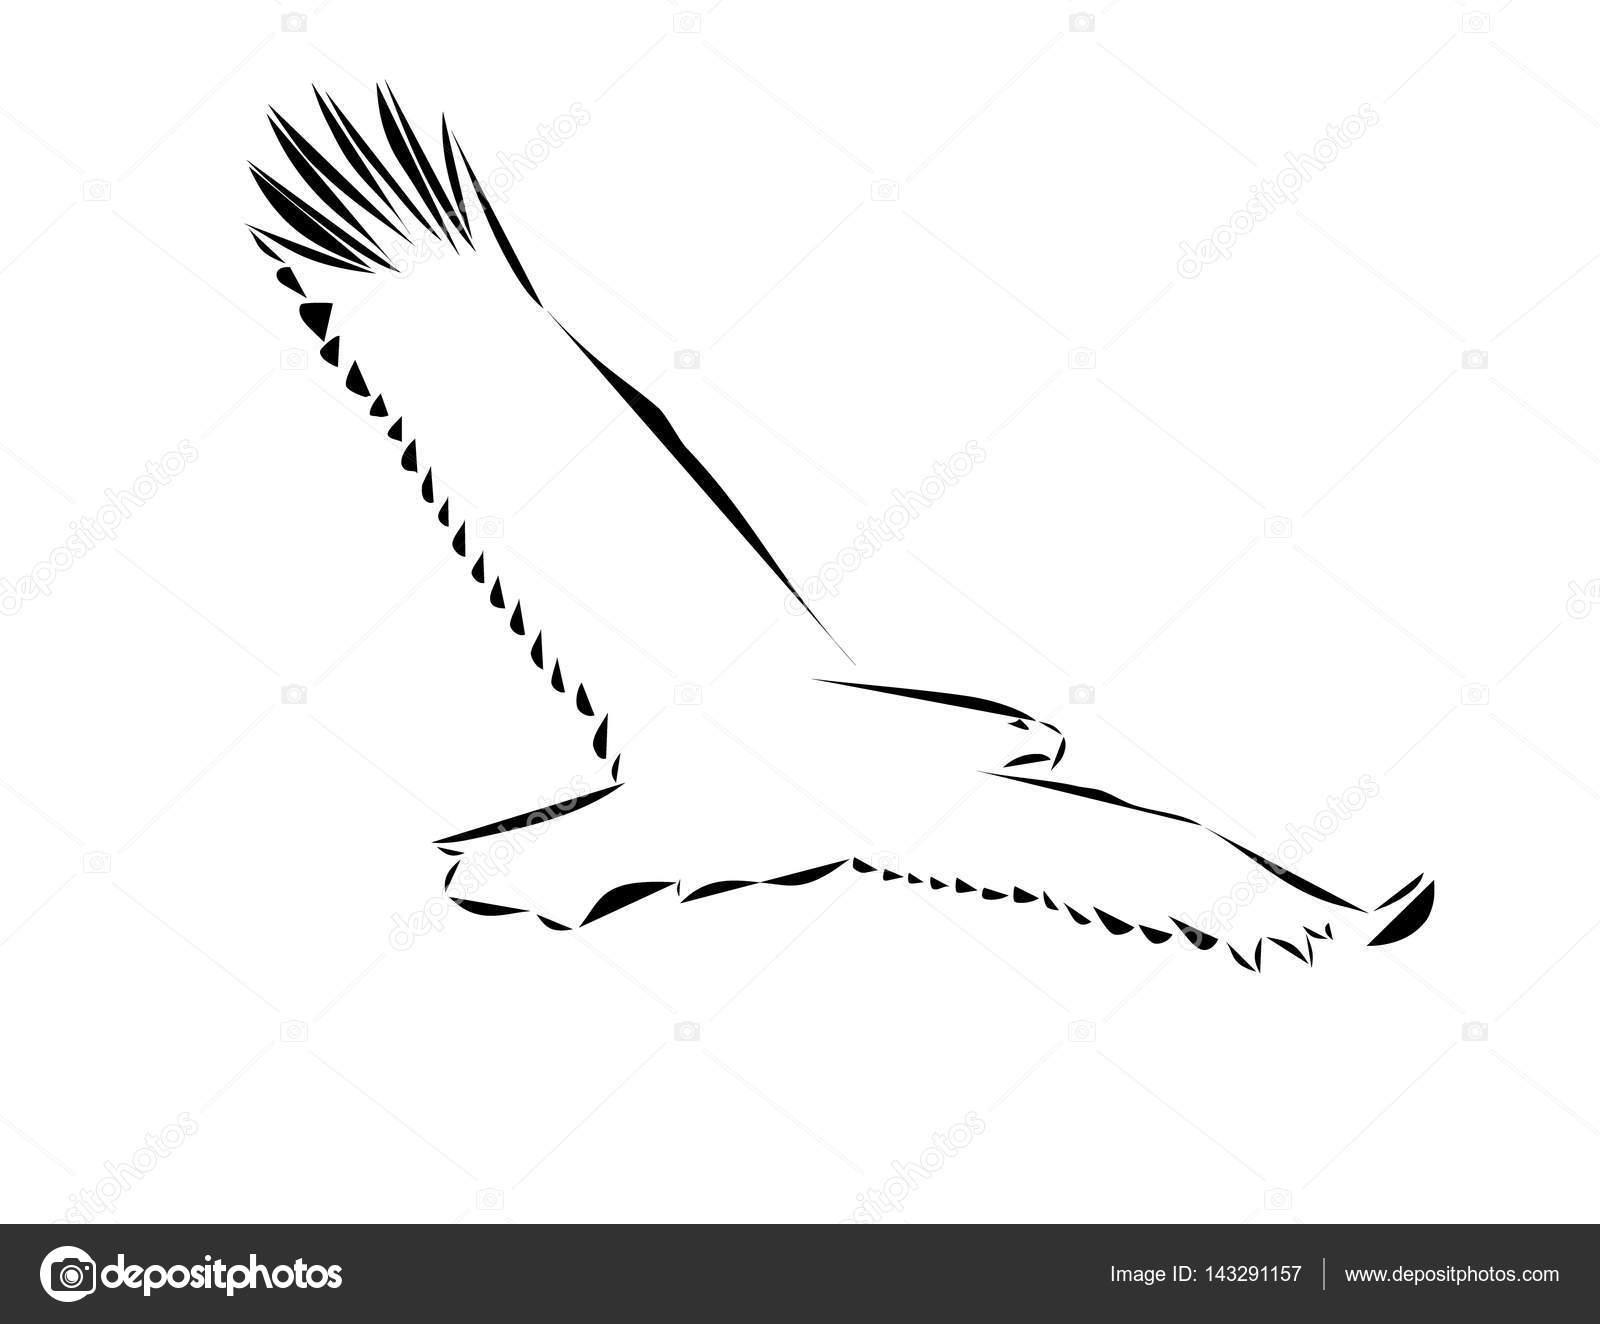 Tolle Adler Schematische Download Fotos - Der Schaltplan - greigo.com